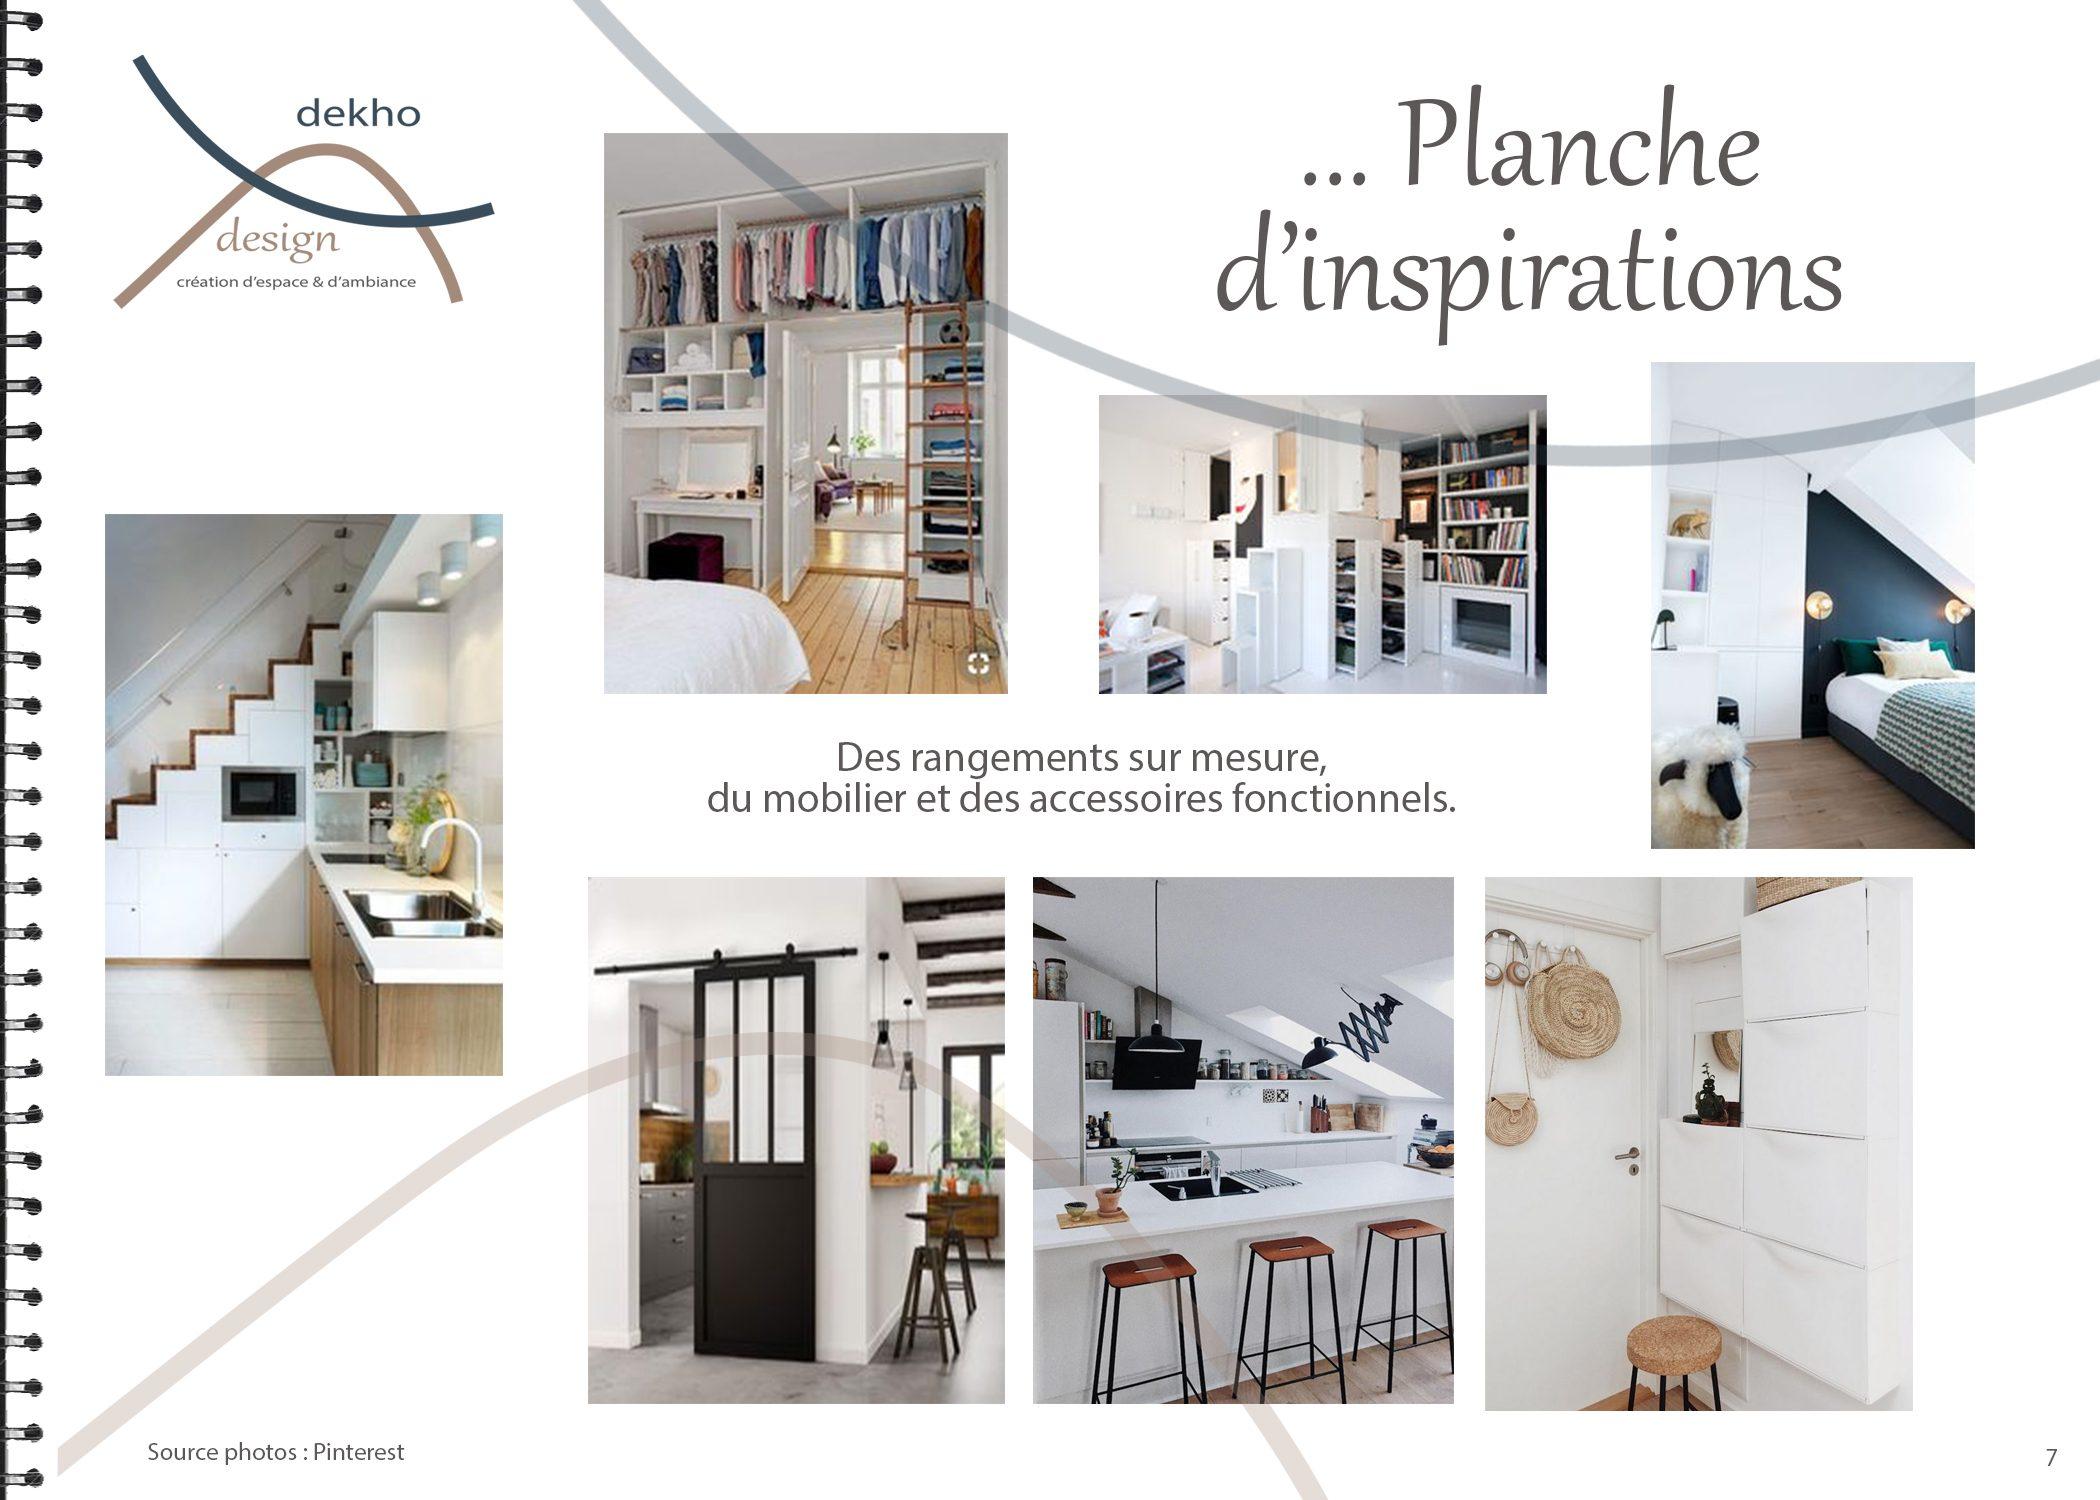 carnet d'intérieur-petits espaces-inspirations-conseils 2-dekho design